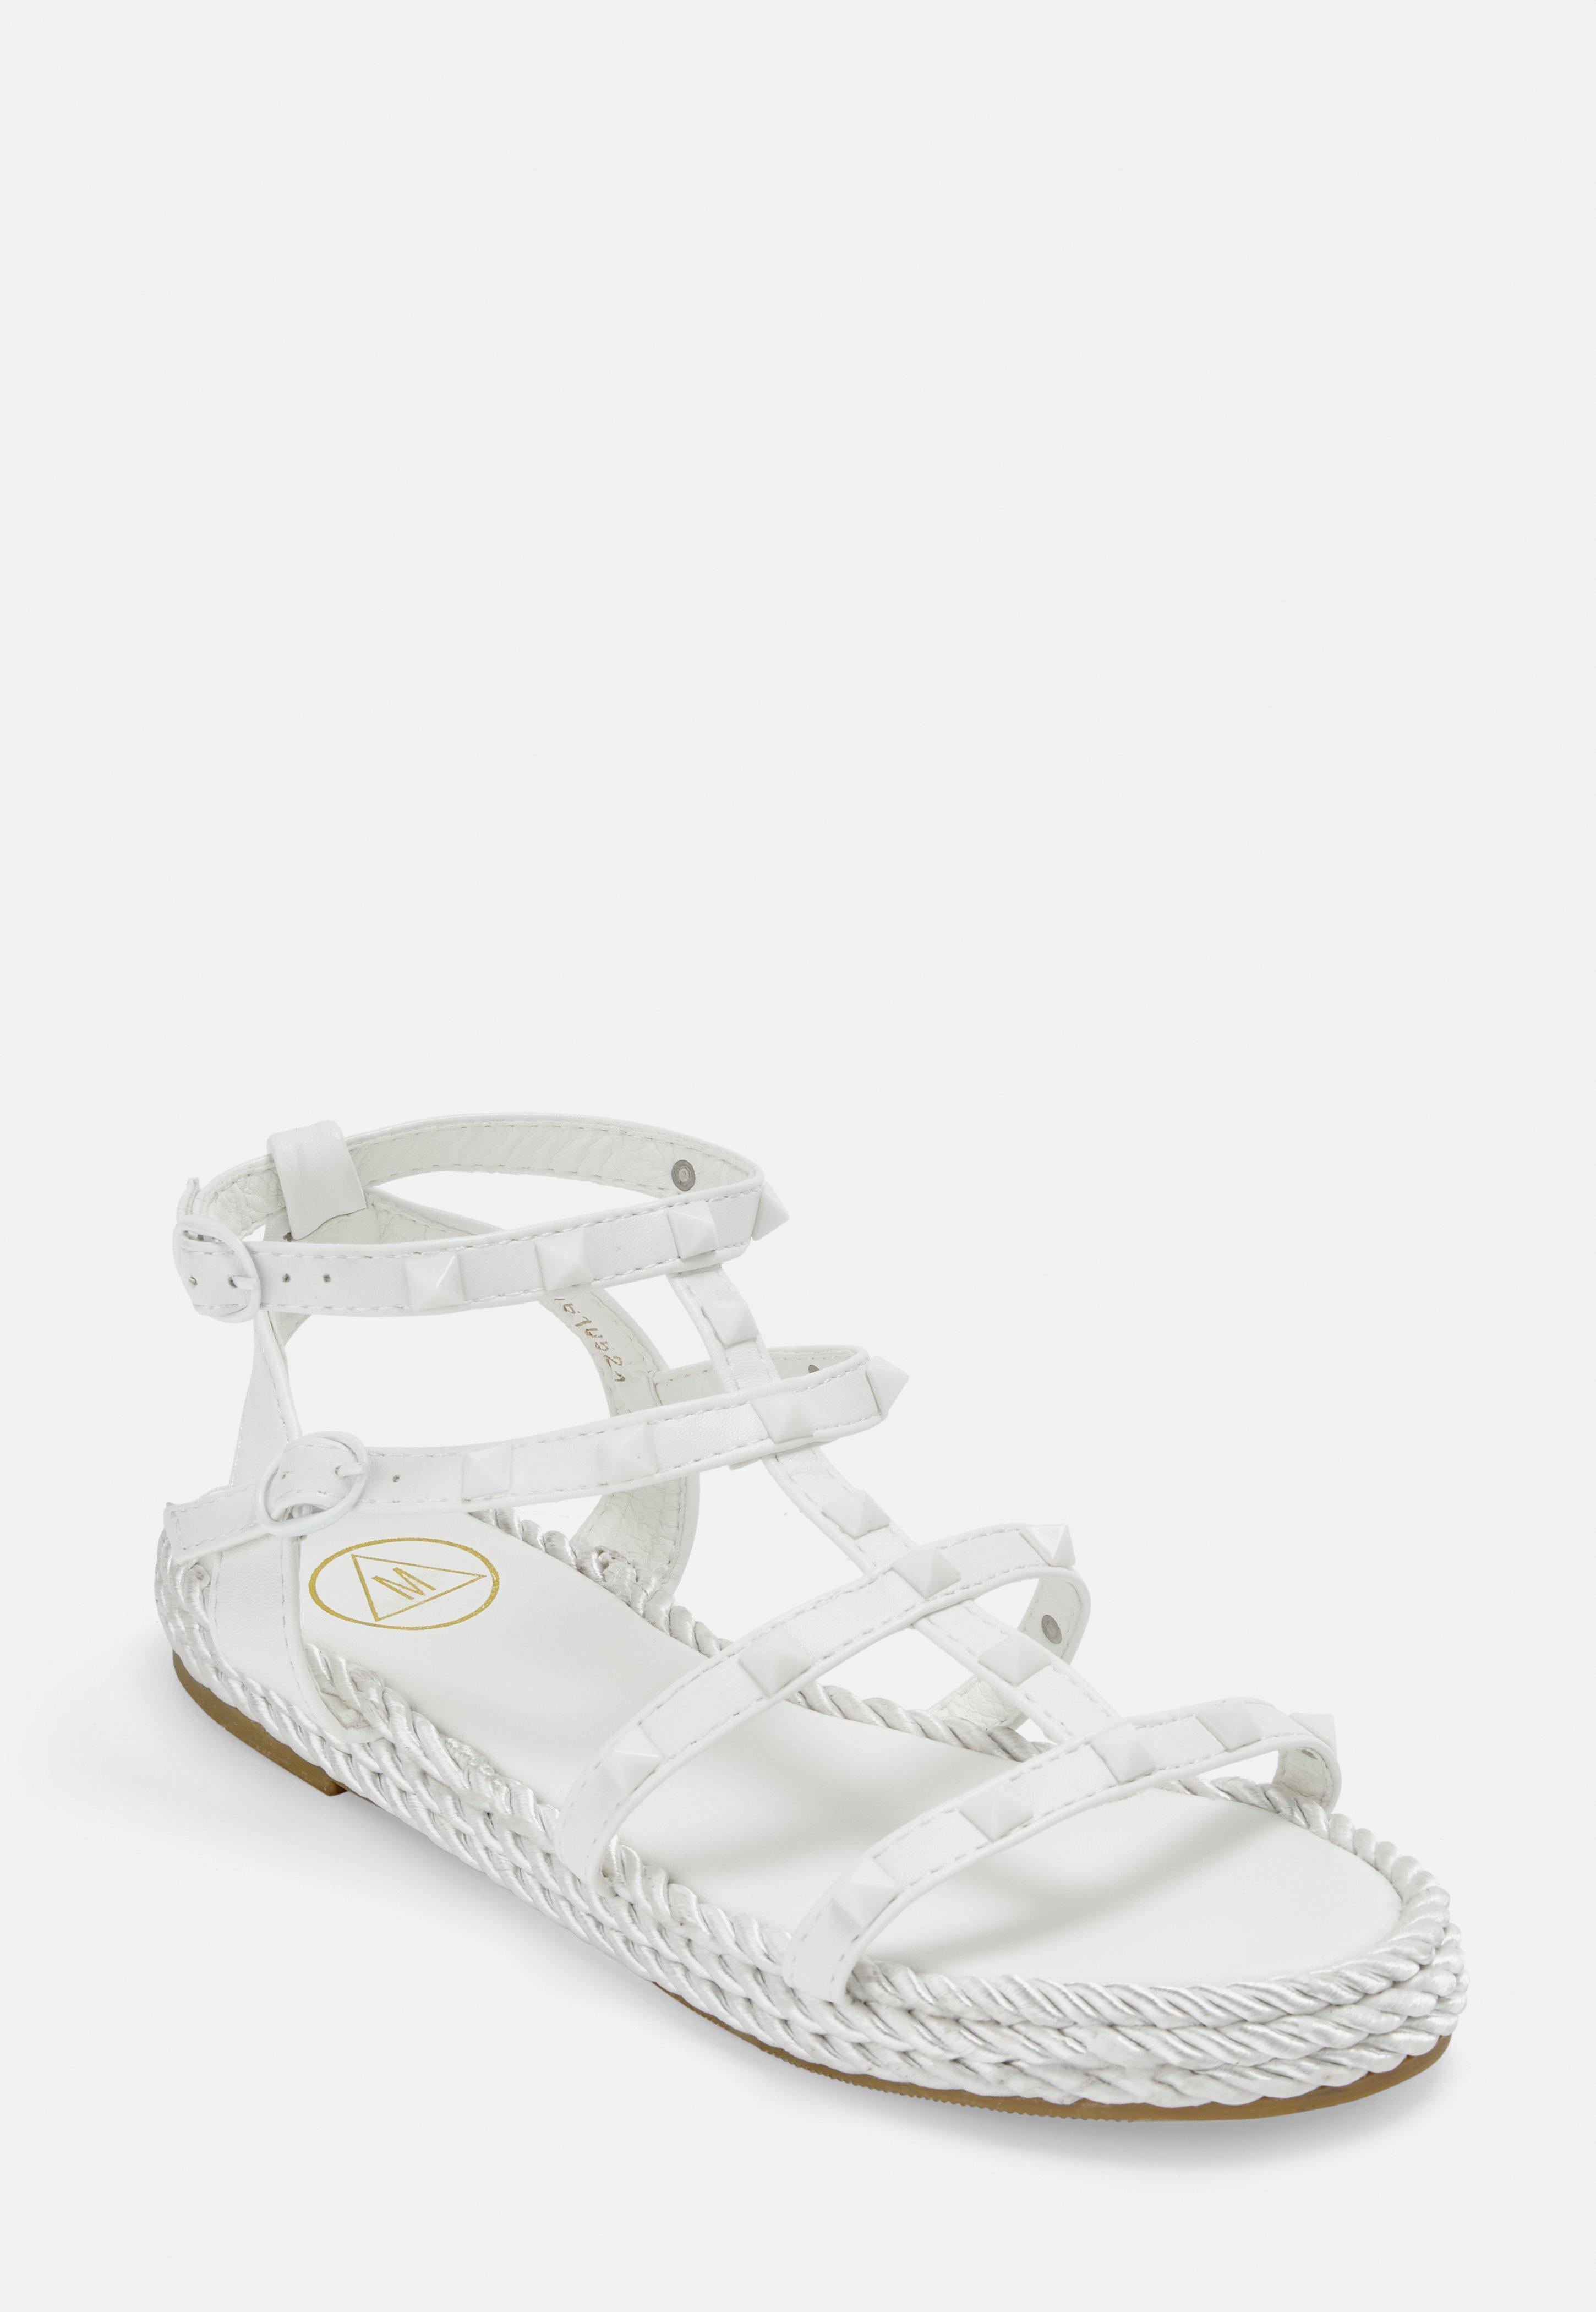 c5b0bb9b8d59 Shoes